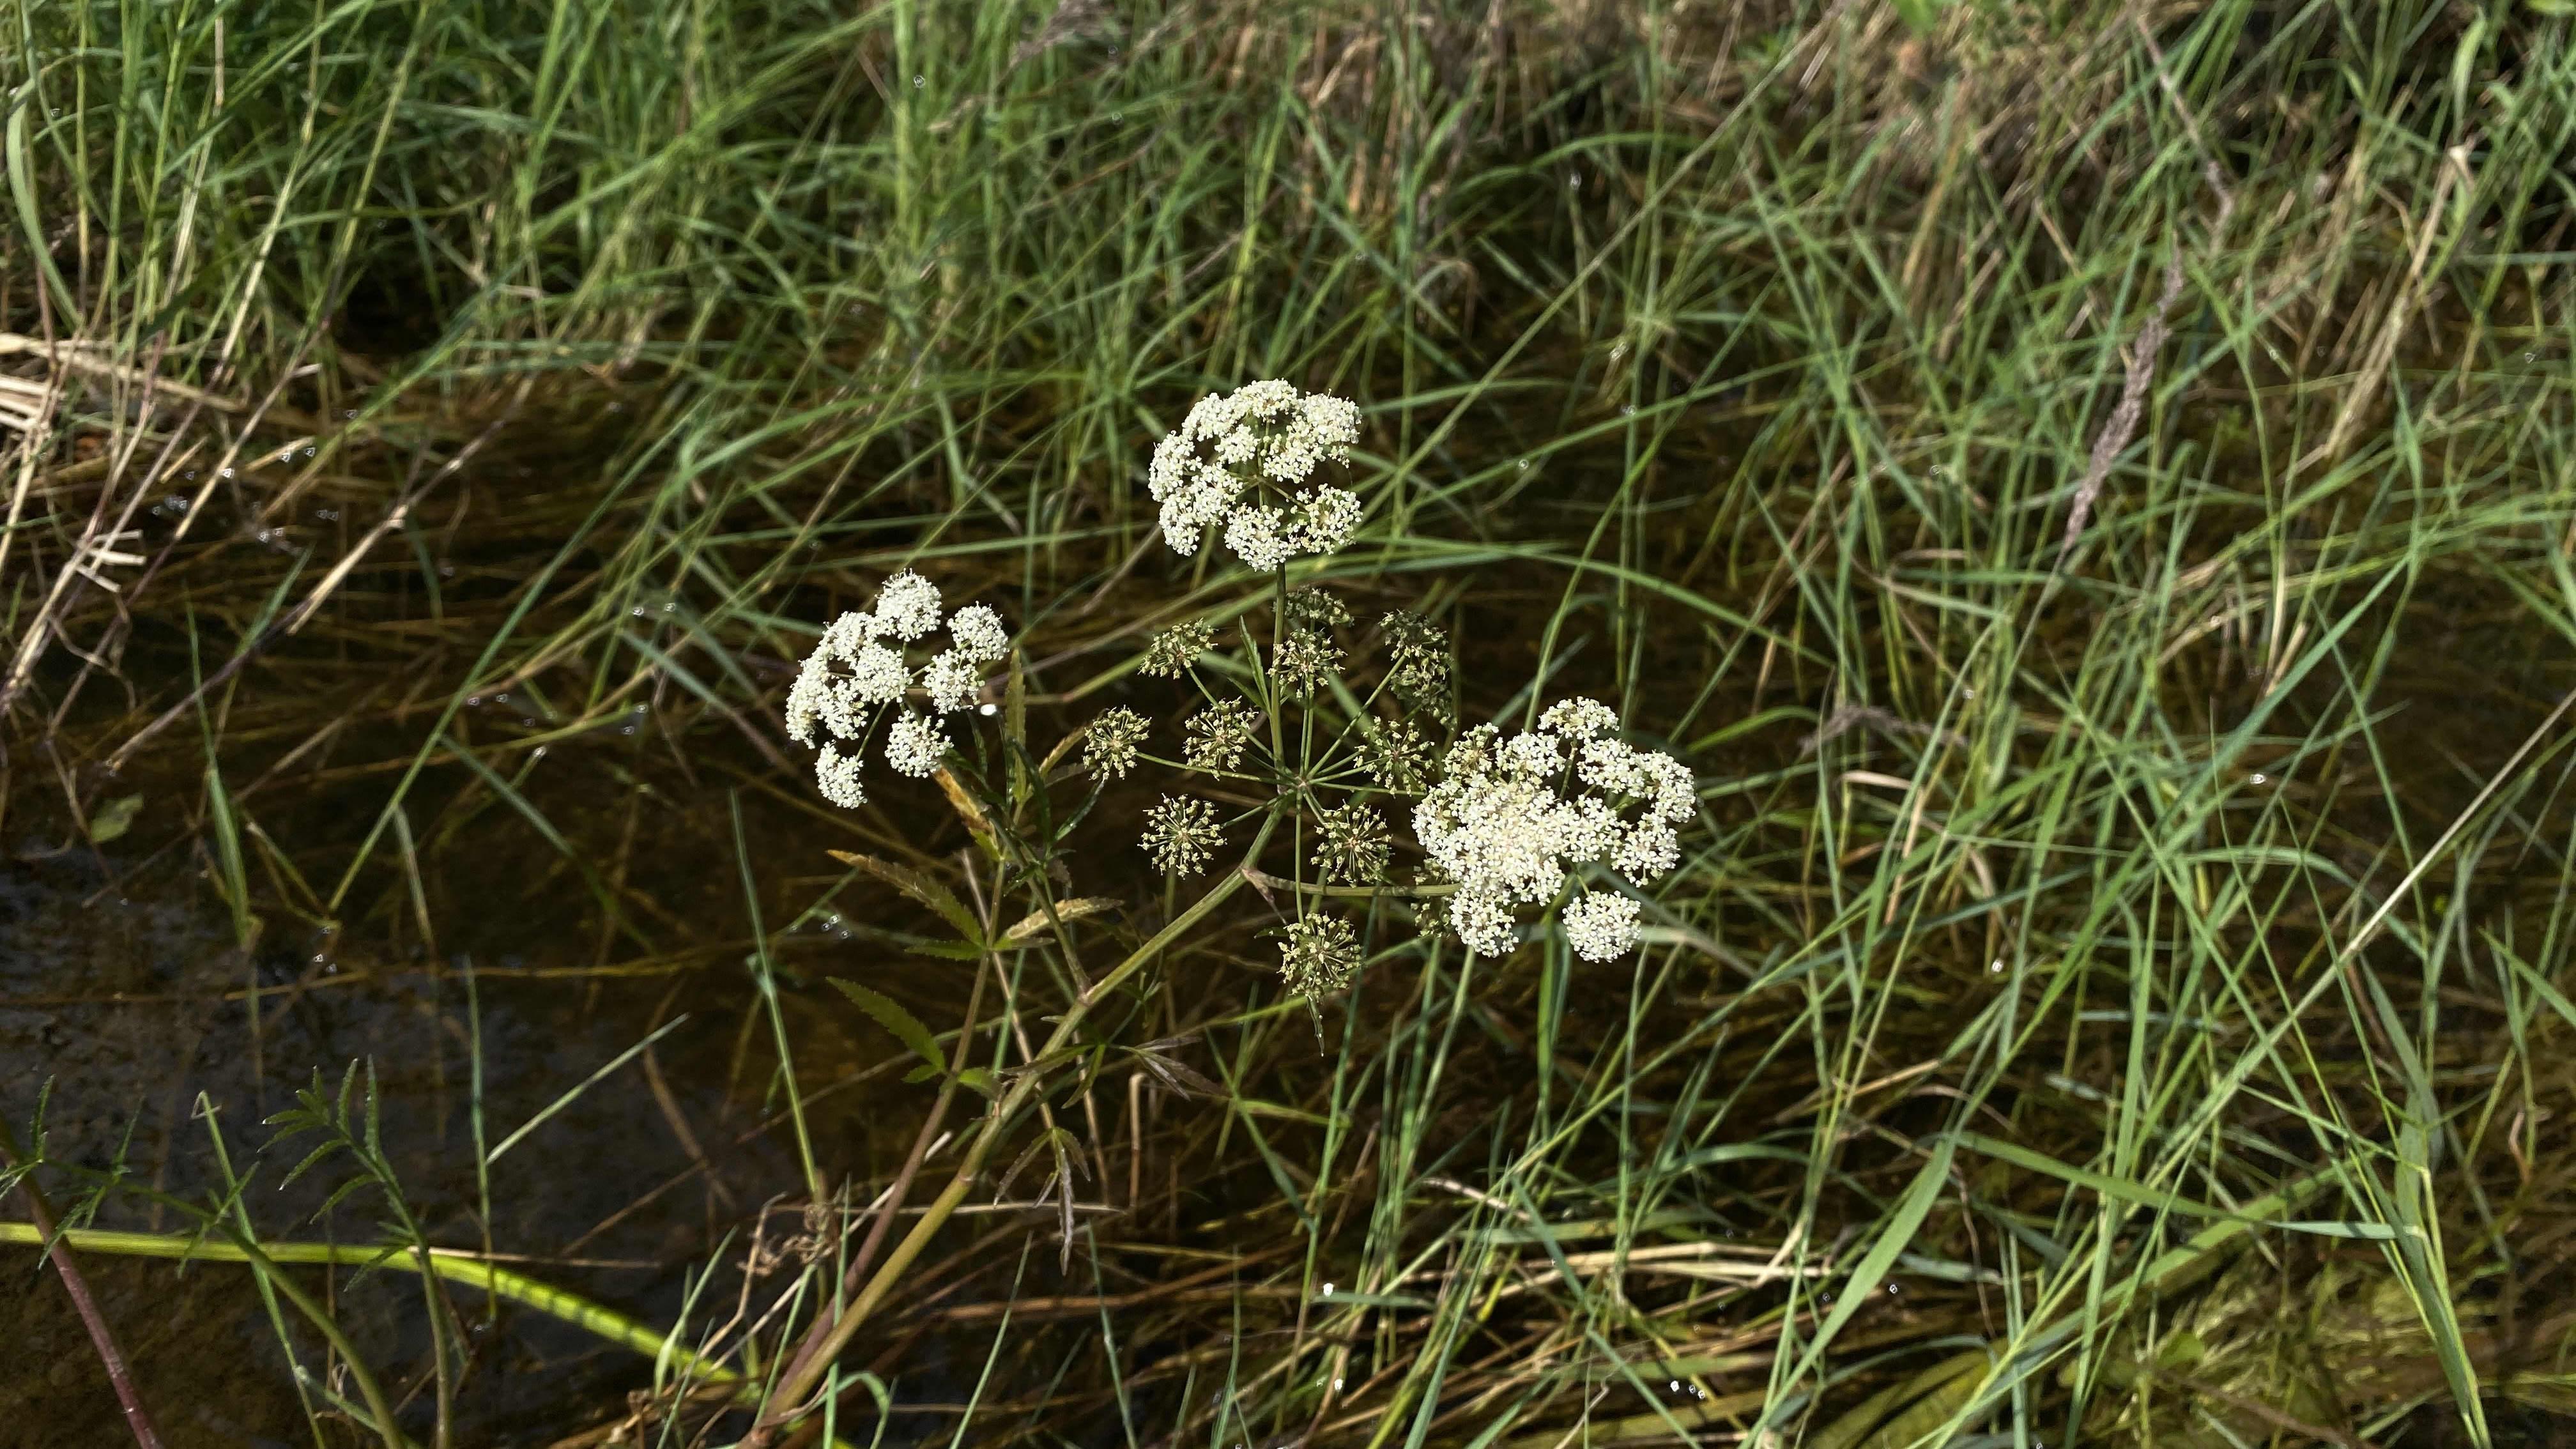 Myrkkykeison kukat muodostavat pallomaisemman kokonaisuuden kuin koiran- tai vuohenputken.